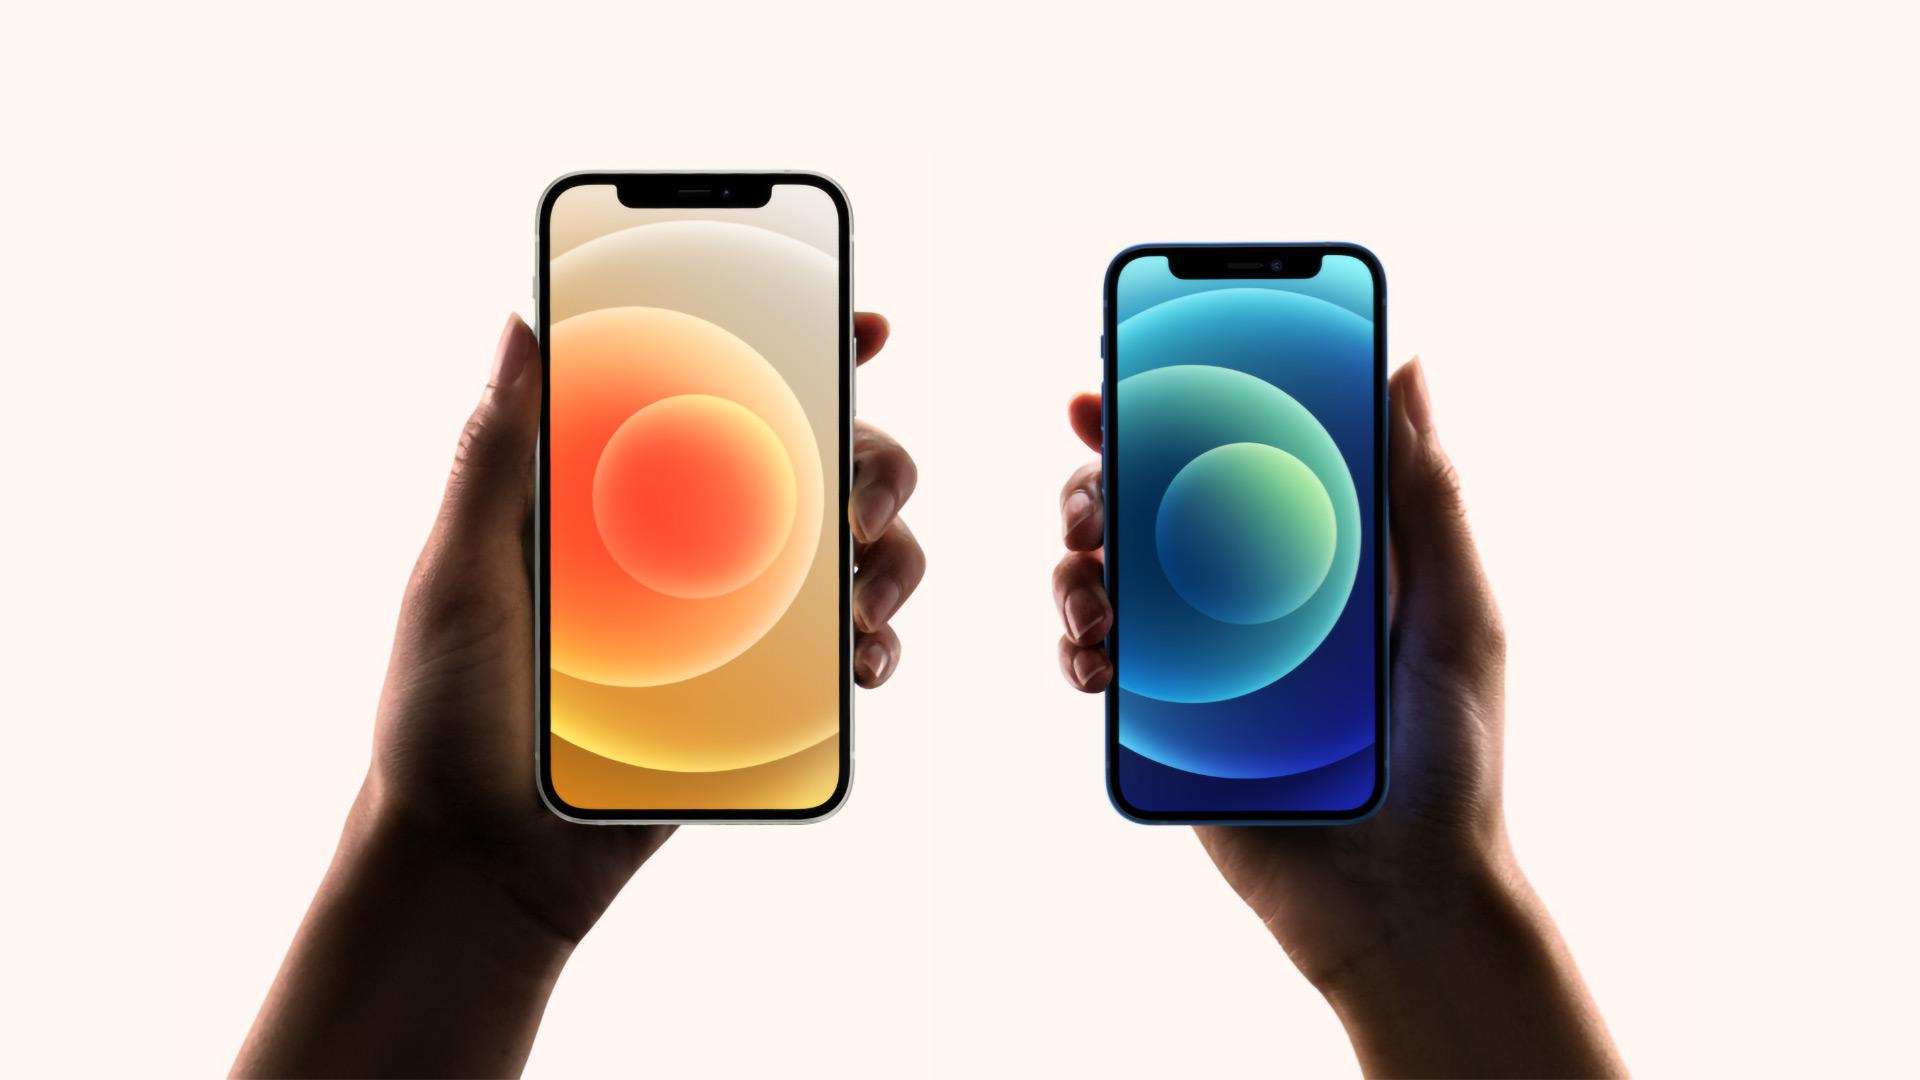 Apple、iPhone 12とiPhone 12 miniを発表!miniはSE 2より小型だけど大画面、価格は74,800円から